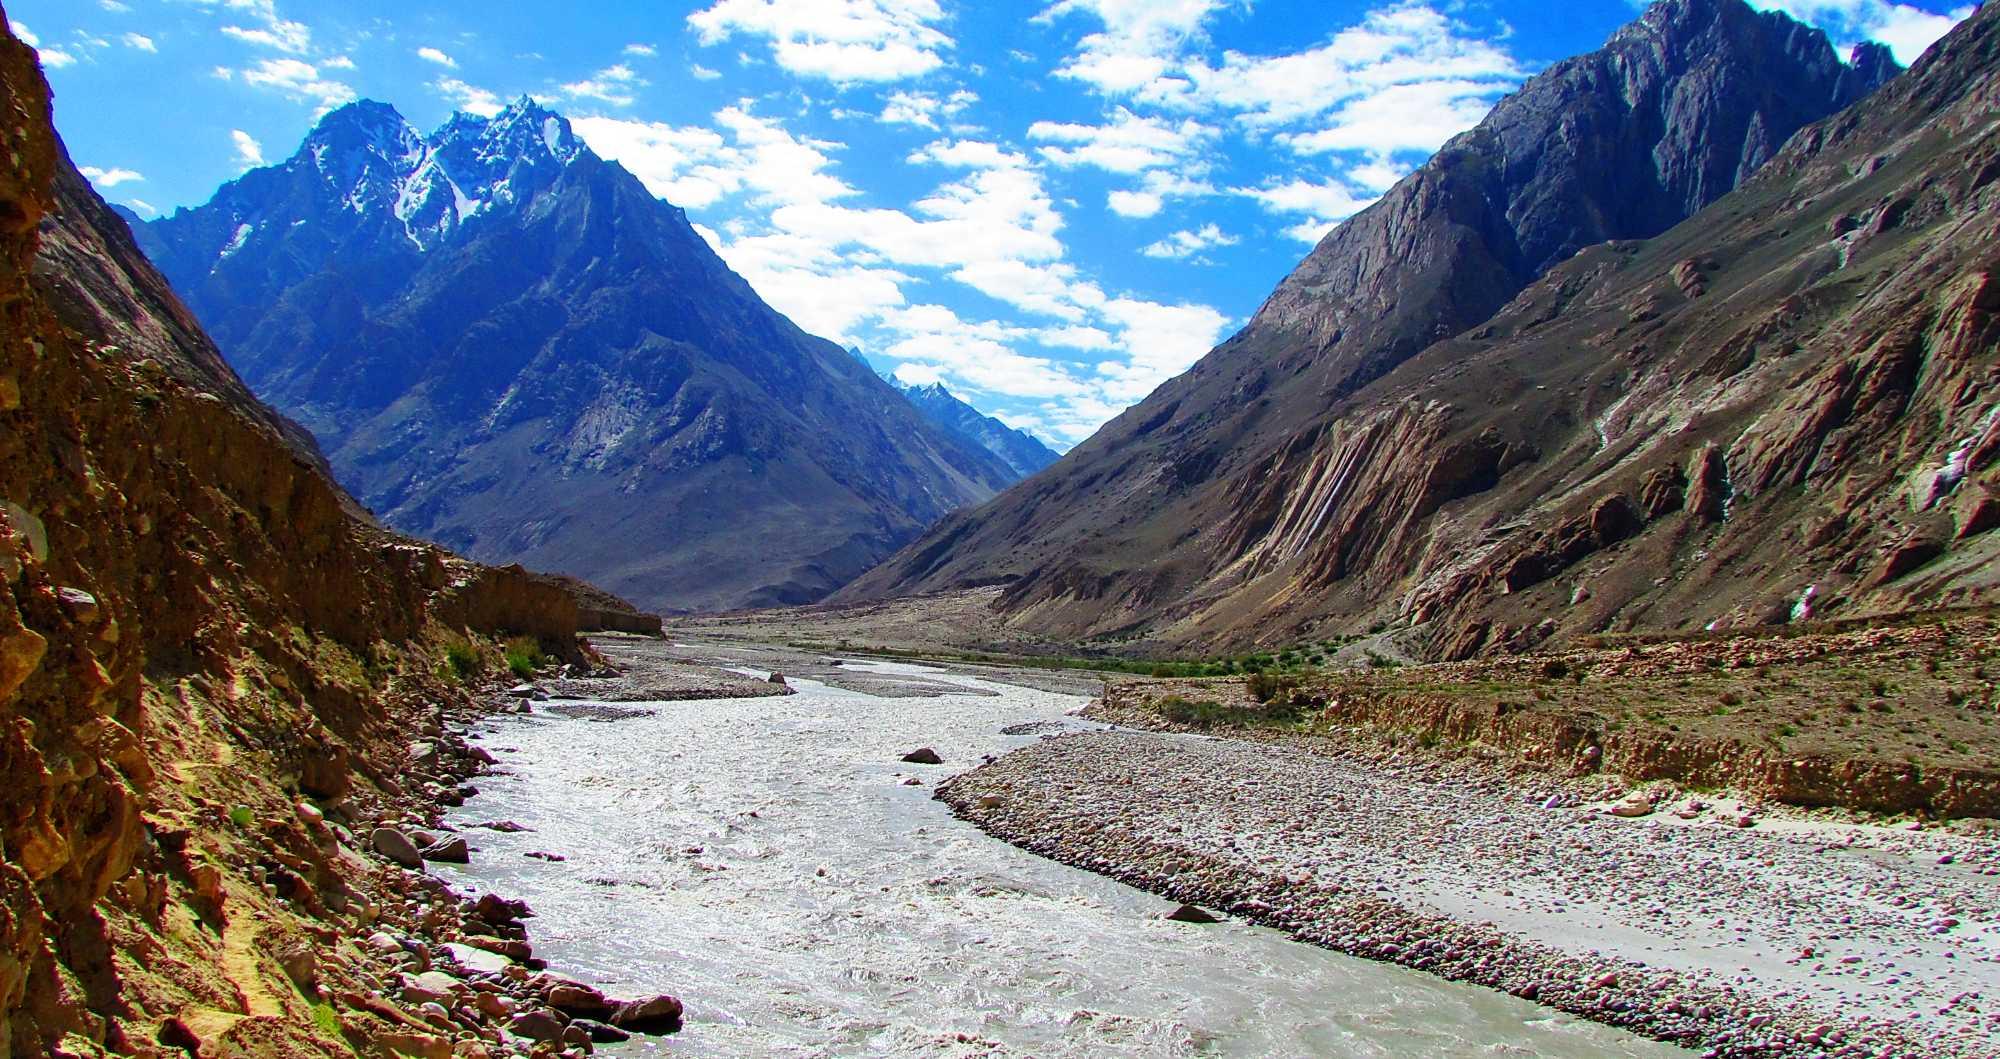 Hushe Gondogoro Valley